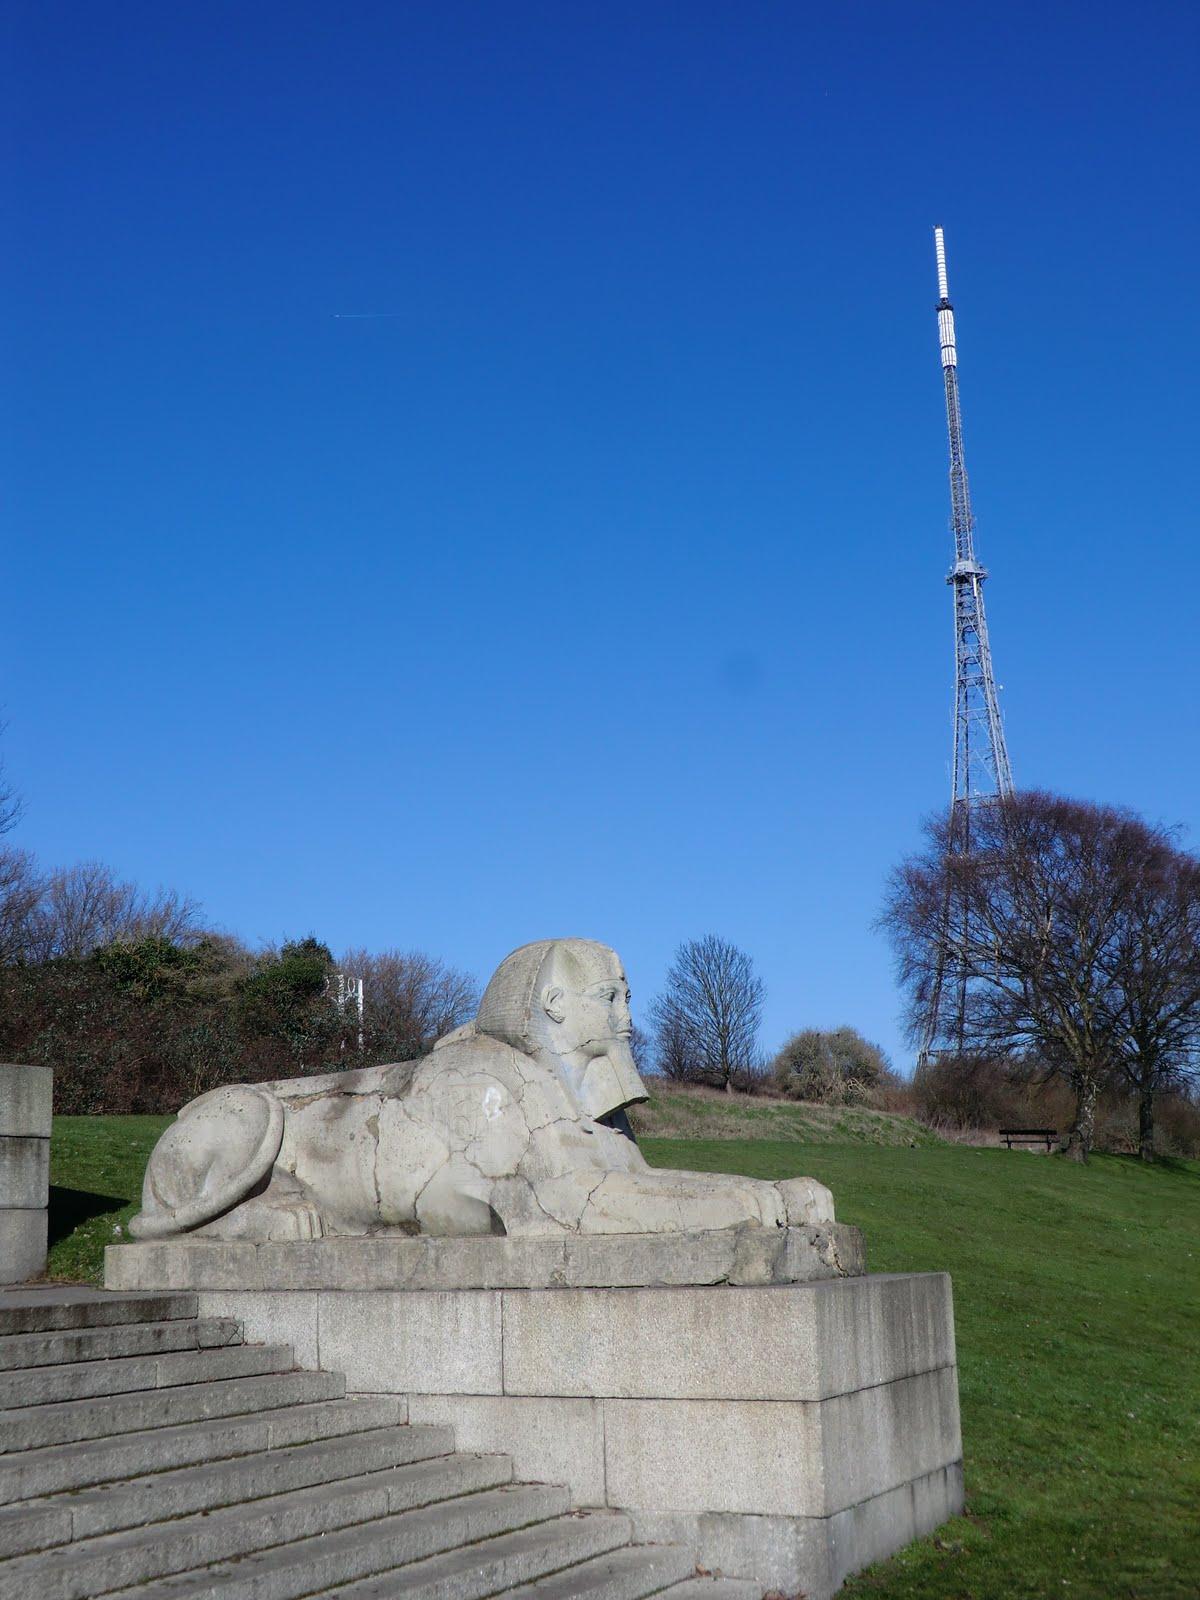 CIMG1544 Sphinx, Crystal Palace Park